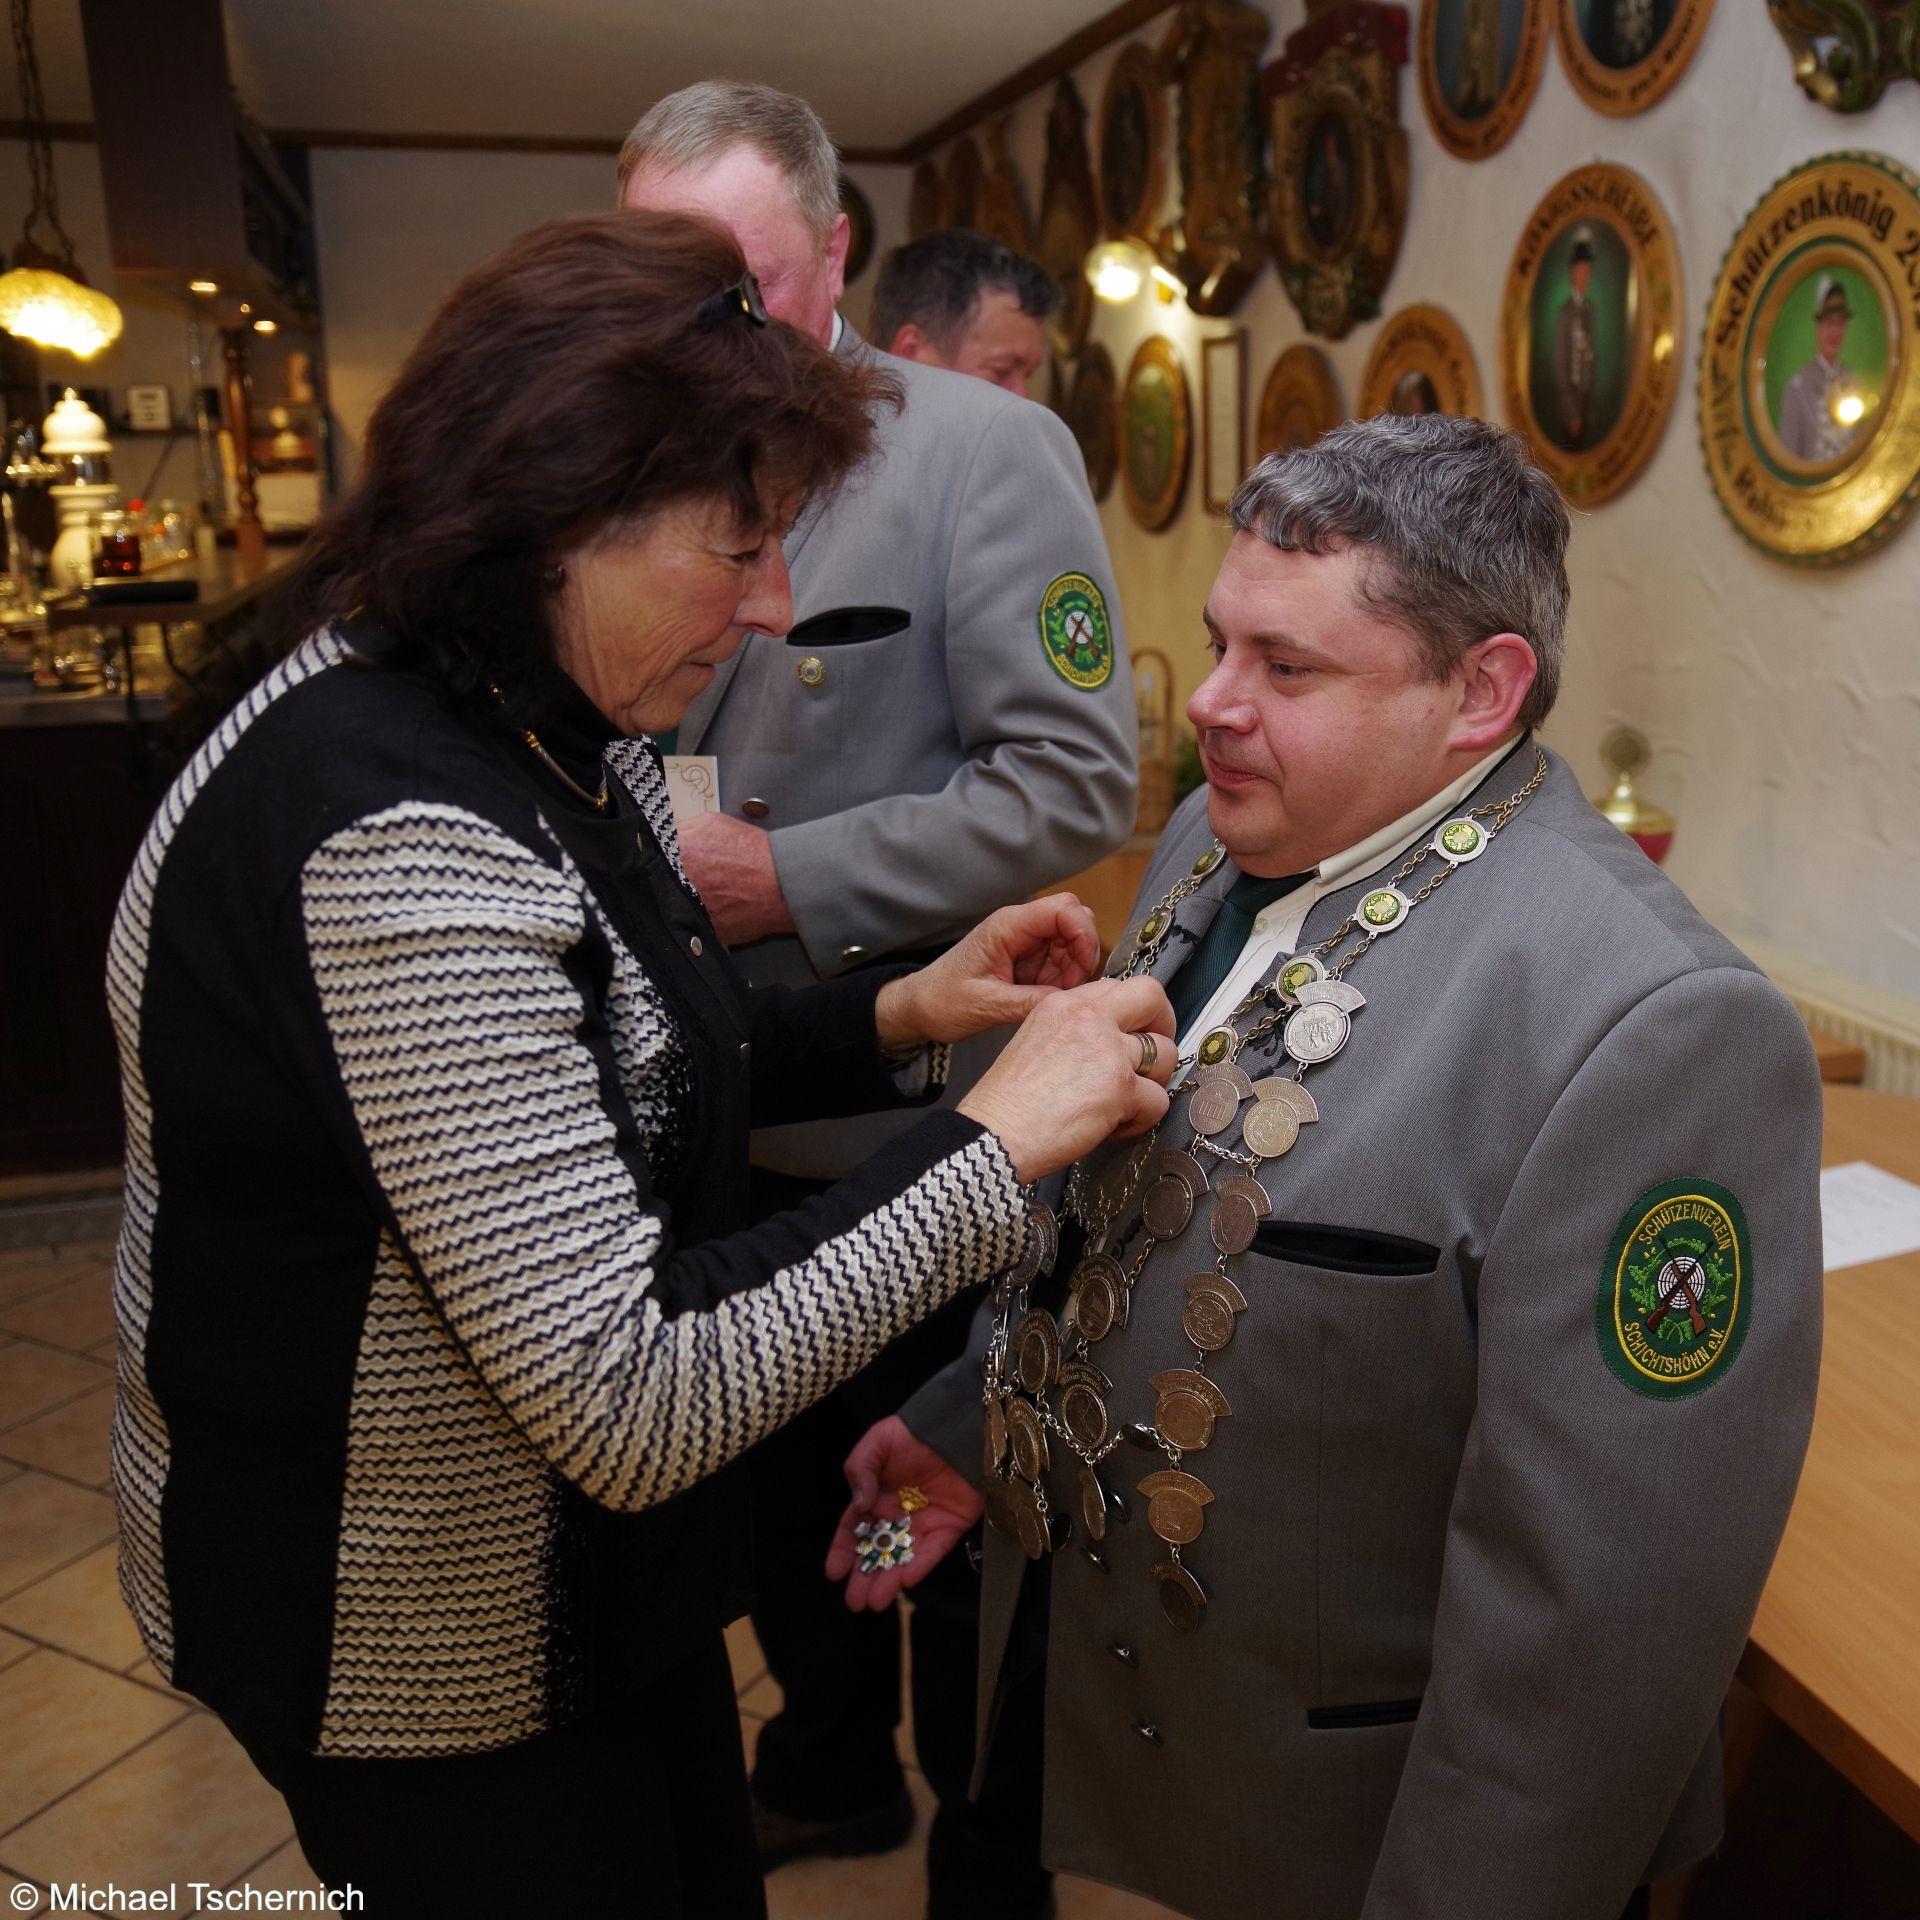 Übergabe der Schützenkette an Rene Schneider, stellvertretend für seinen Bruder Markus Schneider